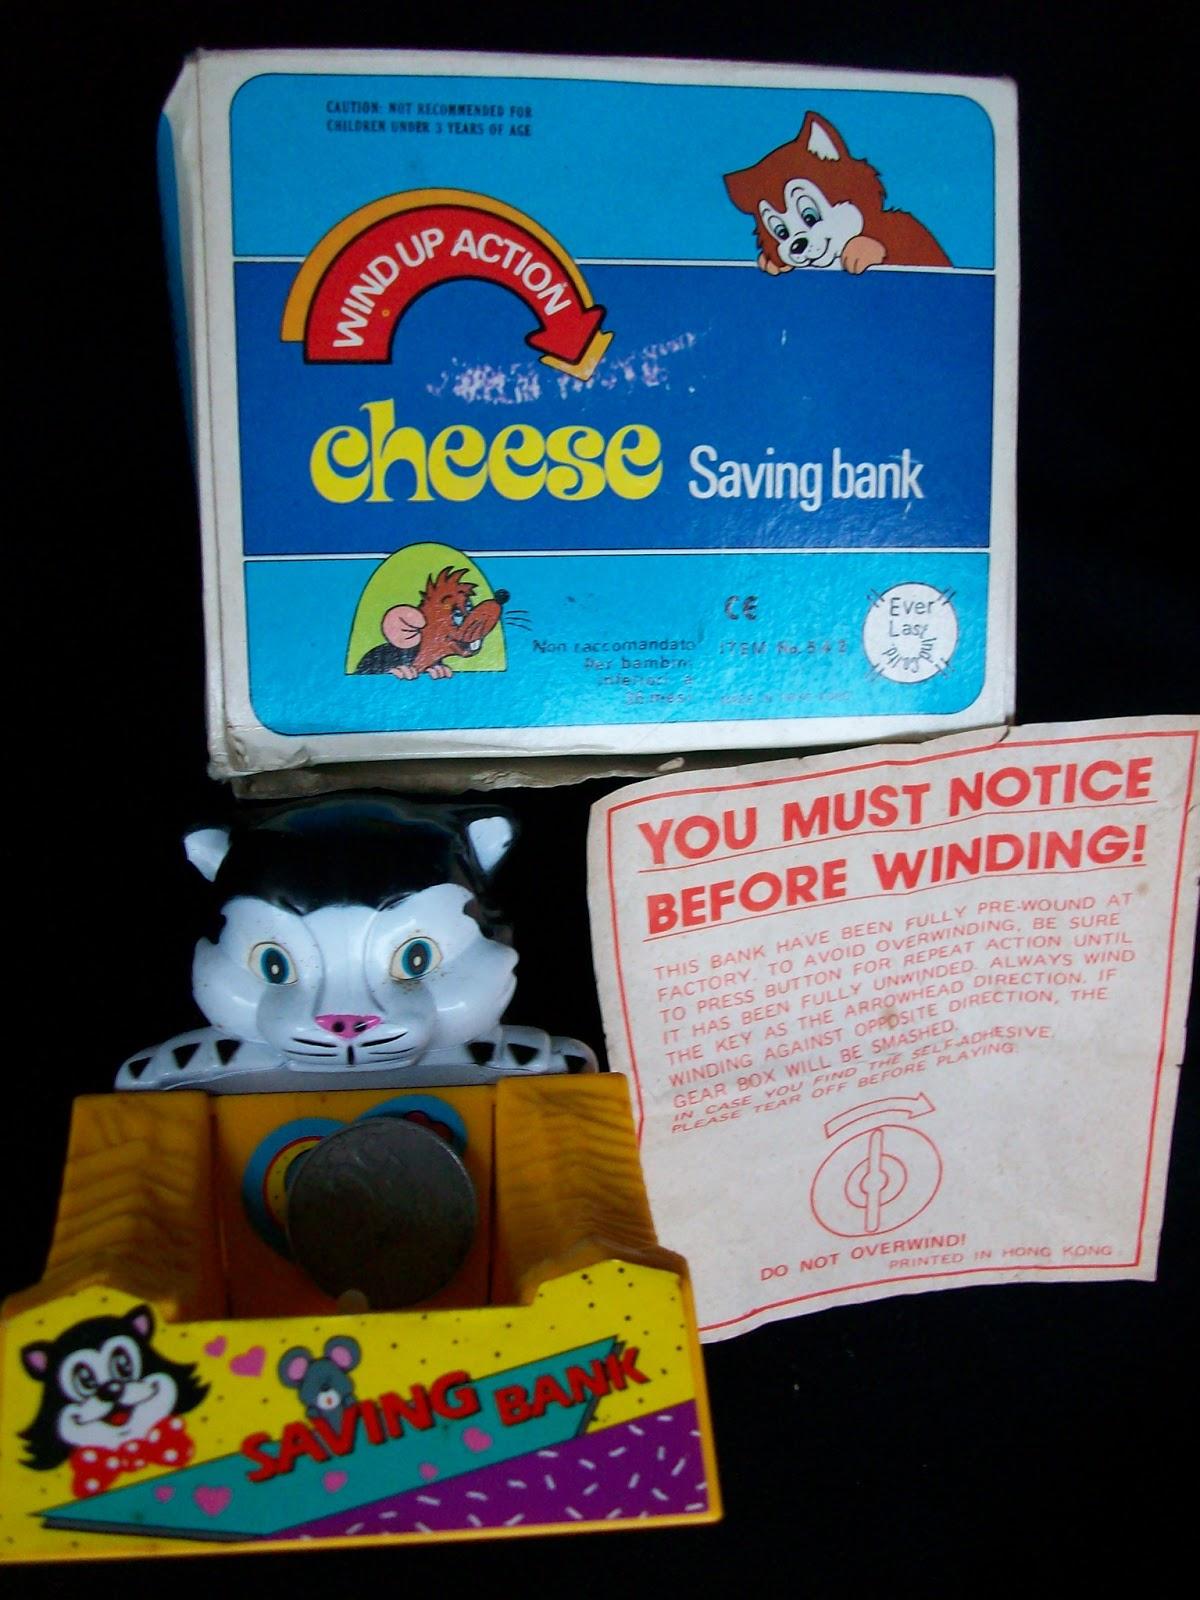 mainan kucing dan tikus lucu dan unik mainan ini era akhir tahun 70an dan awal 80an minat bahan plastik Rp 100 ribu saja